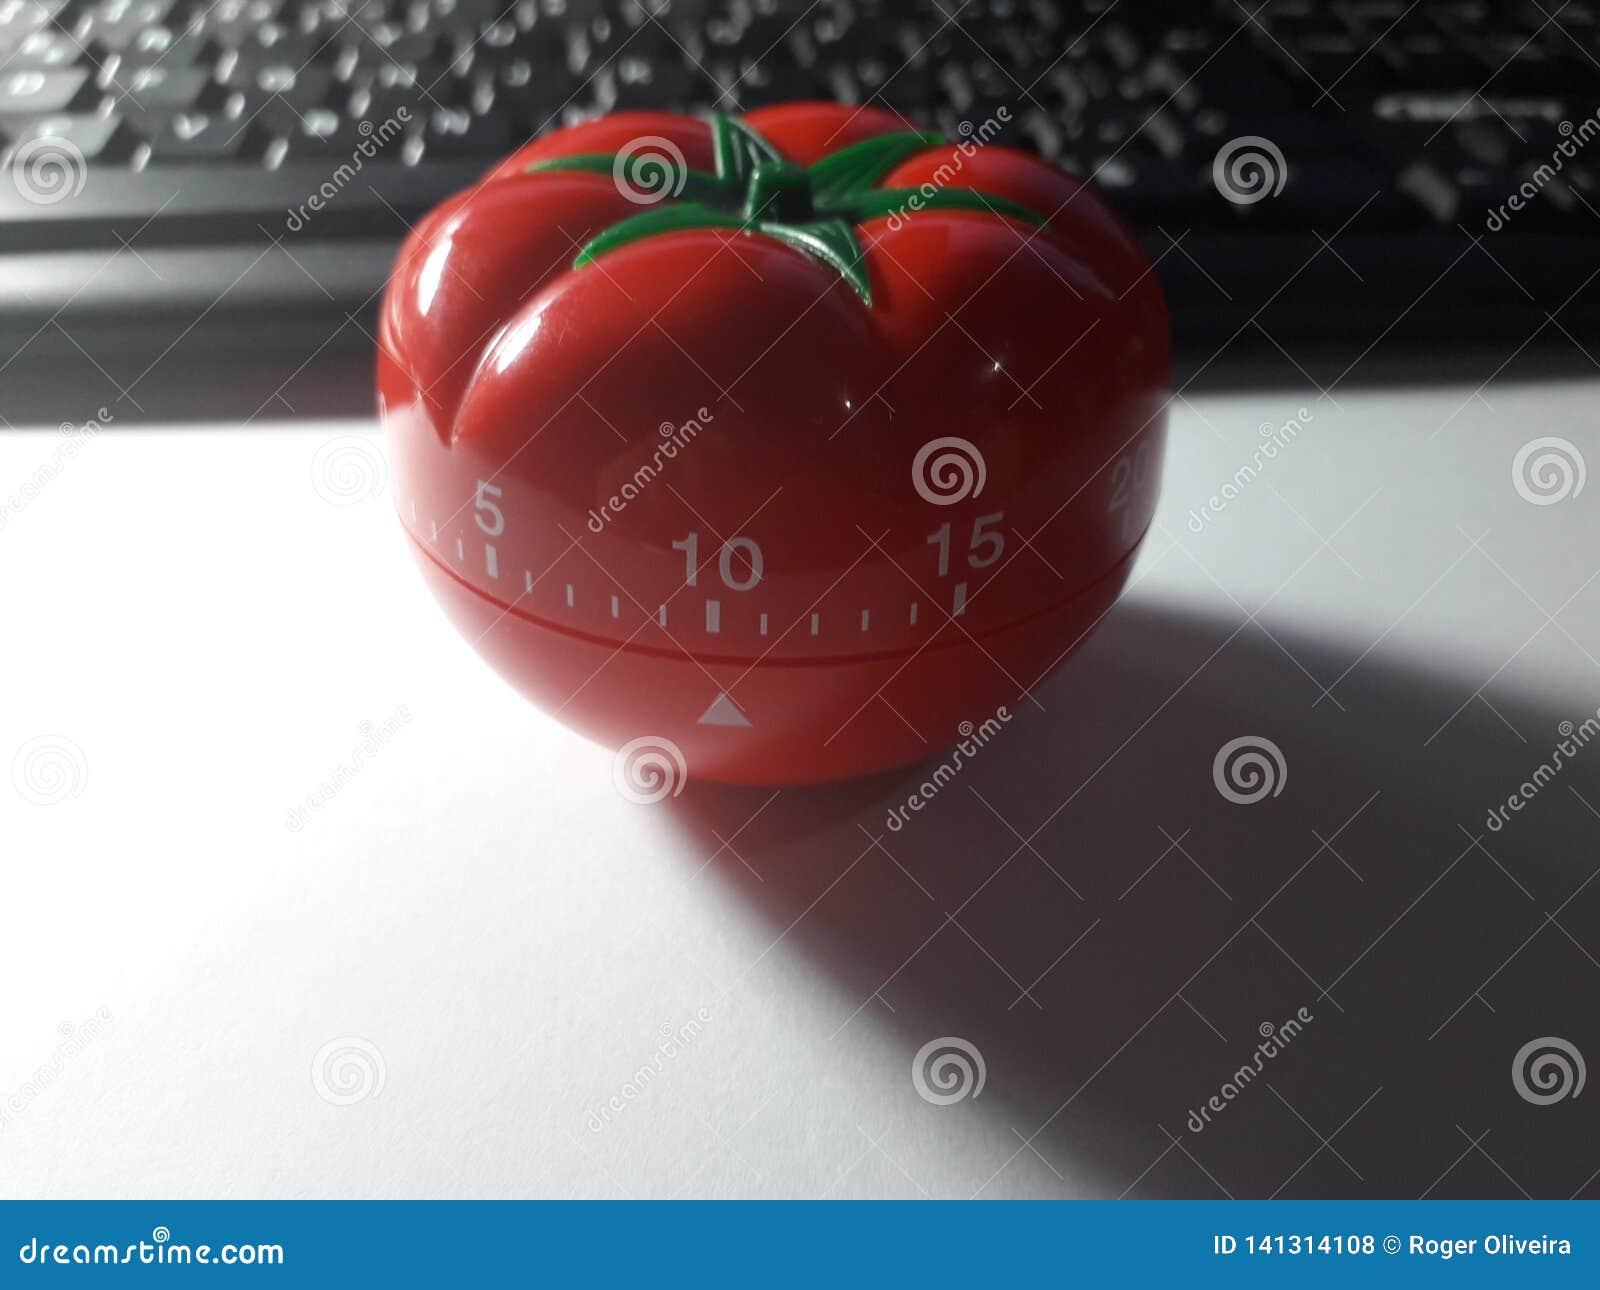 Pomodoro zegar - machinalny pomidor kształtował kuchennego zegar dla gotować lub studiować